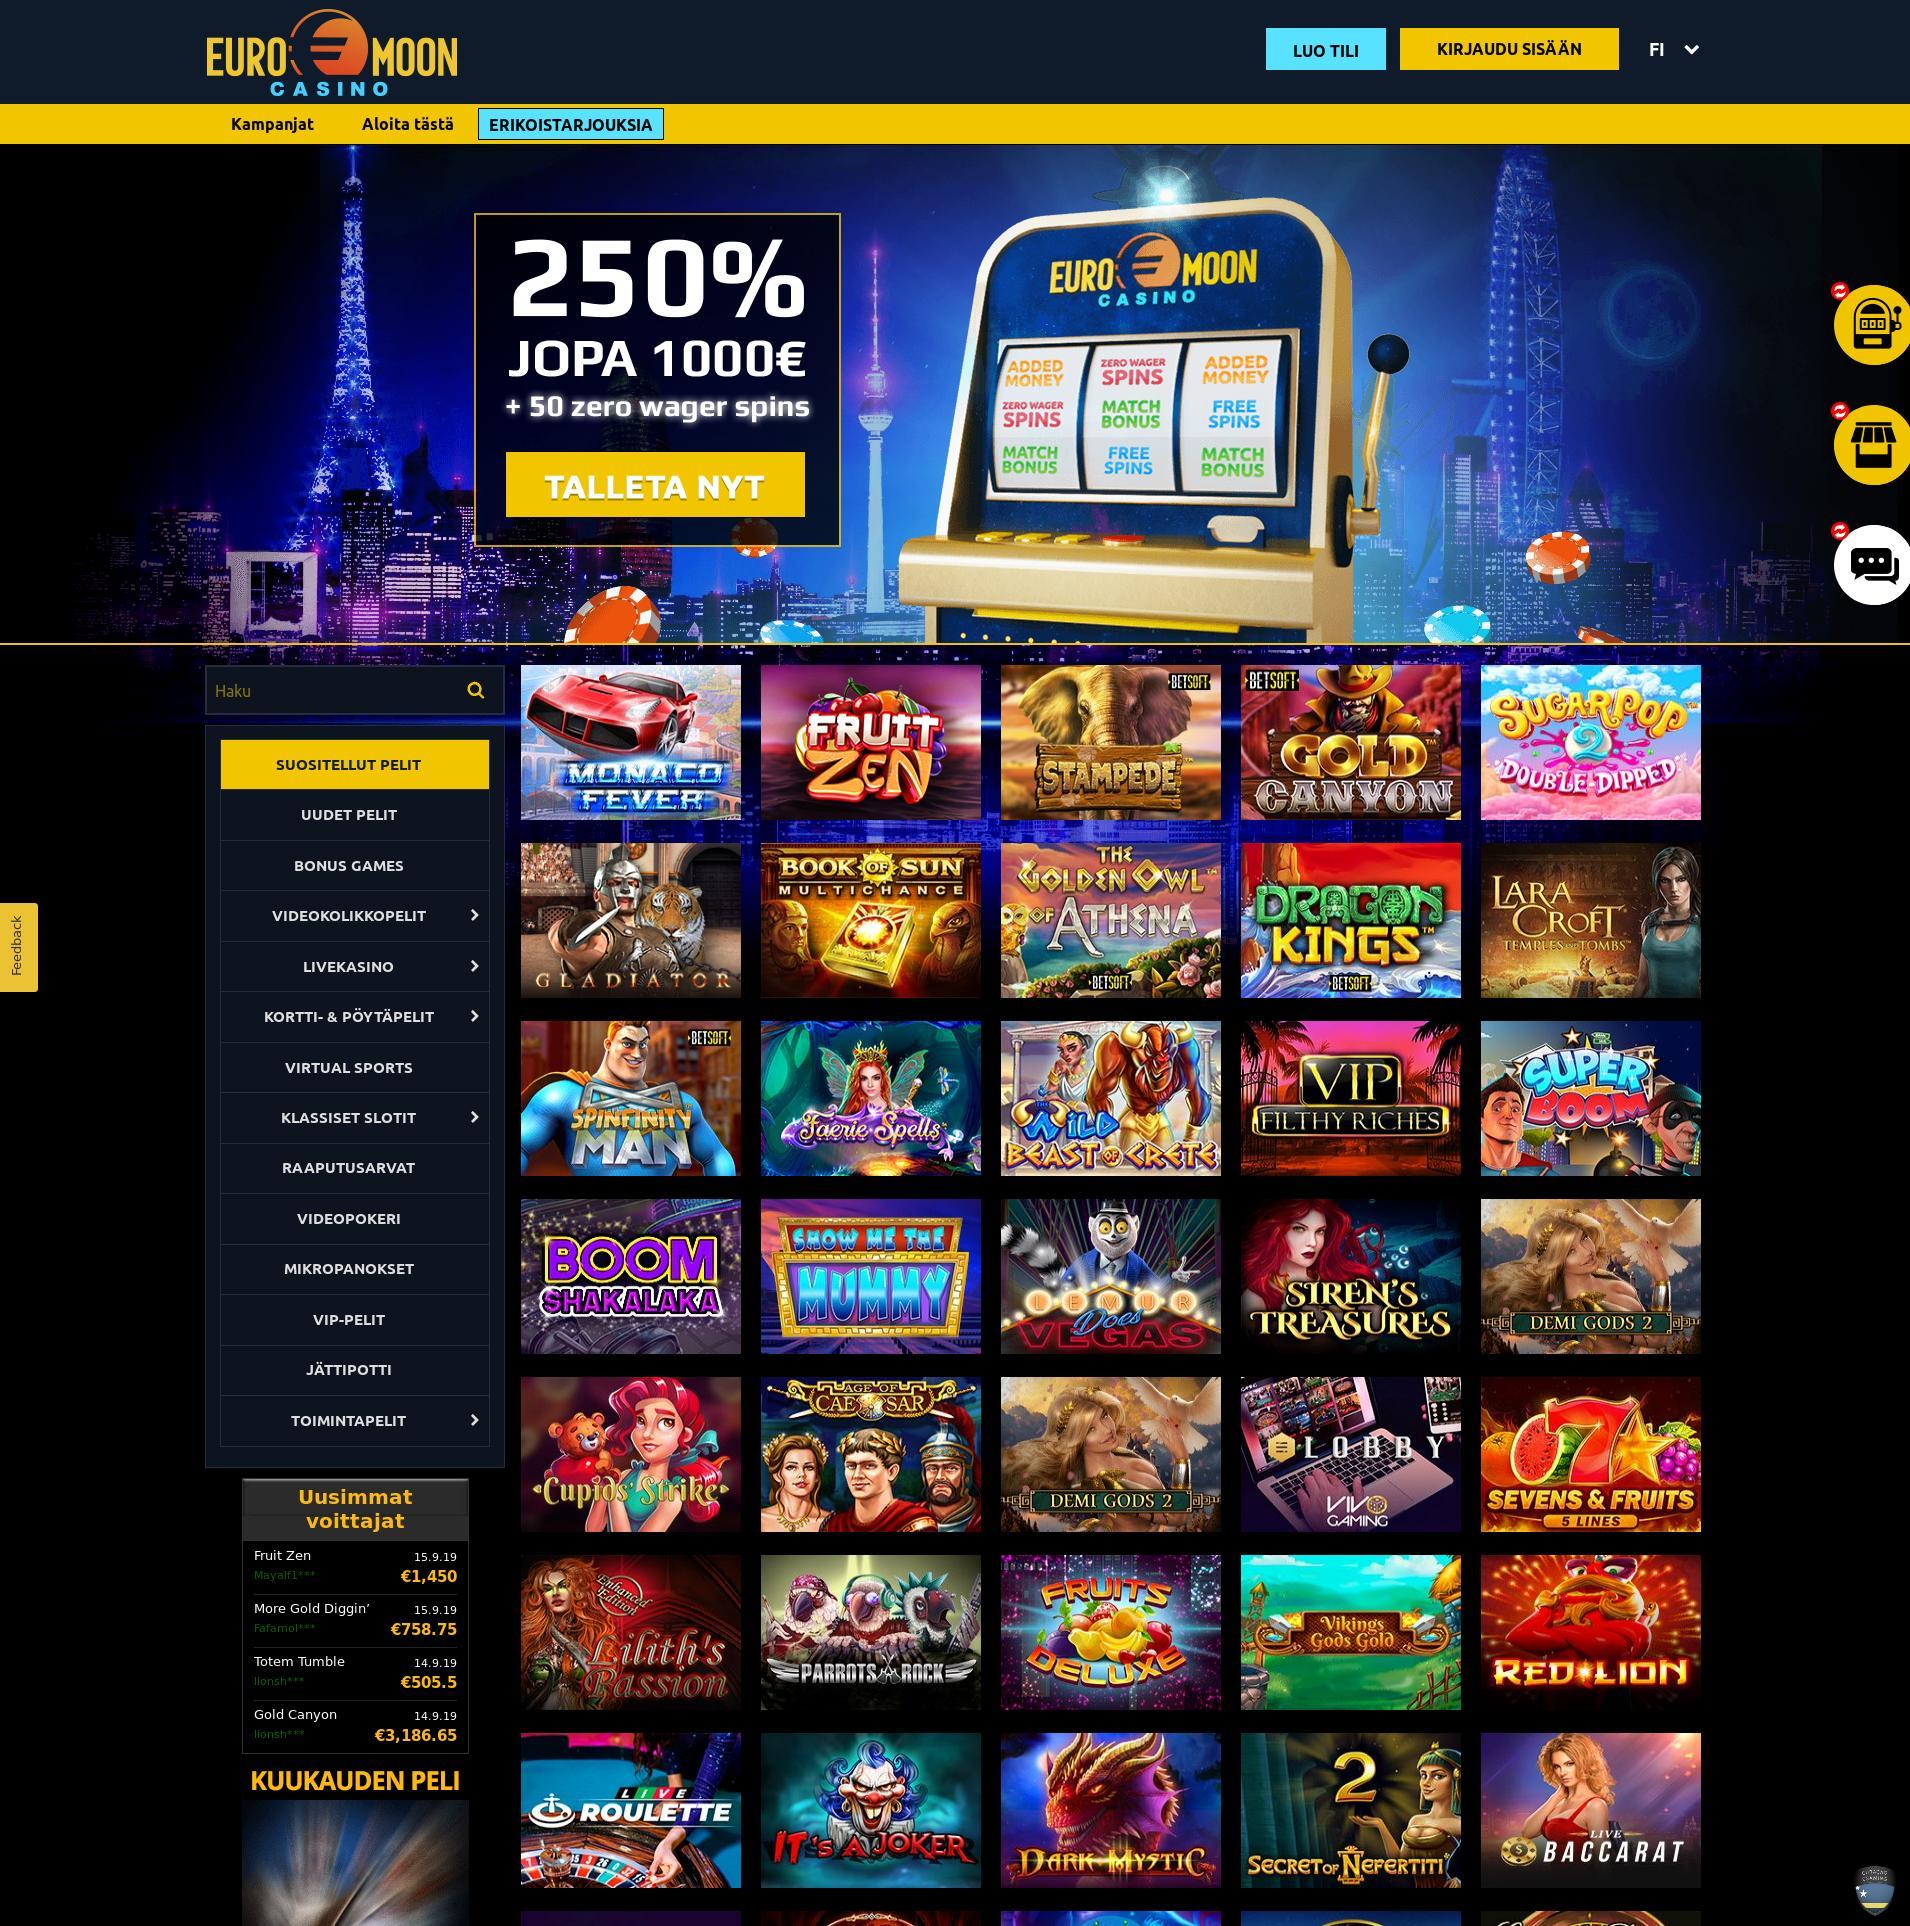 Casino-näyttö Lobby 2019-09-16 varten Suomi